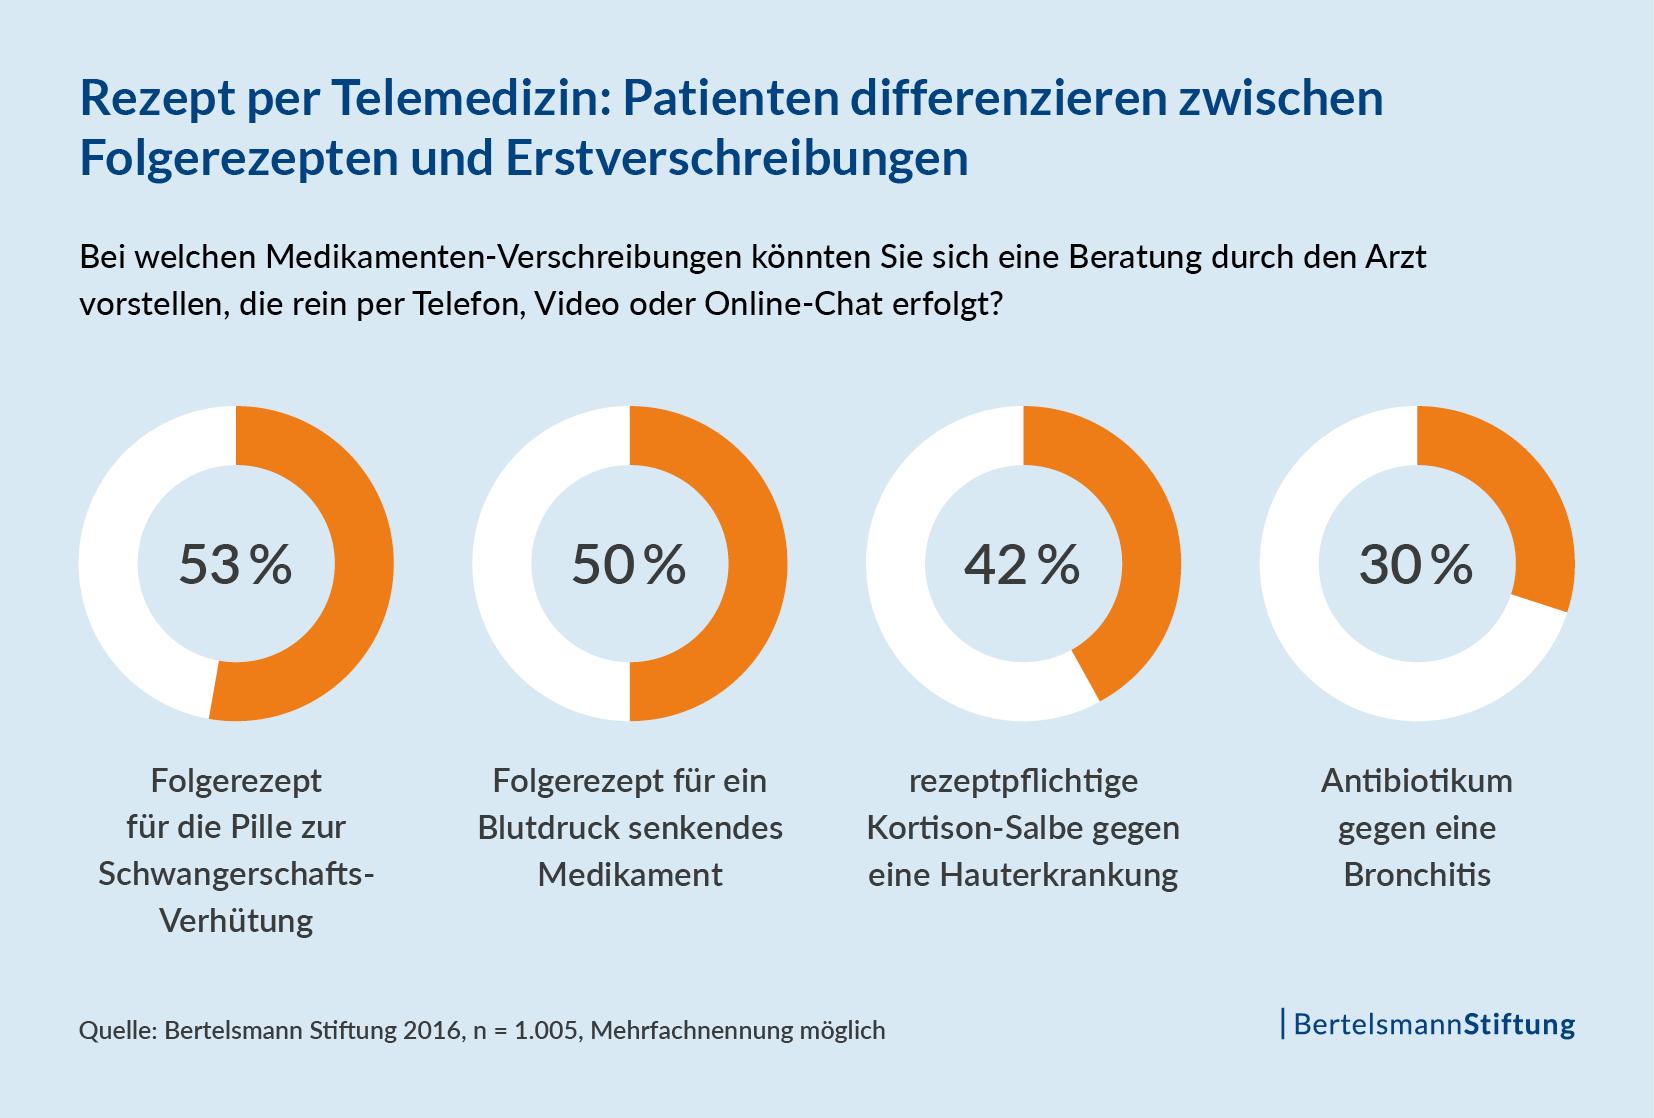 Rezept per Telemedizin: Patienten differenzieren zwischen Folgerezepten und Erstverschreibungen